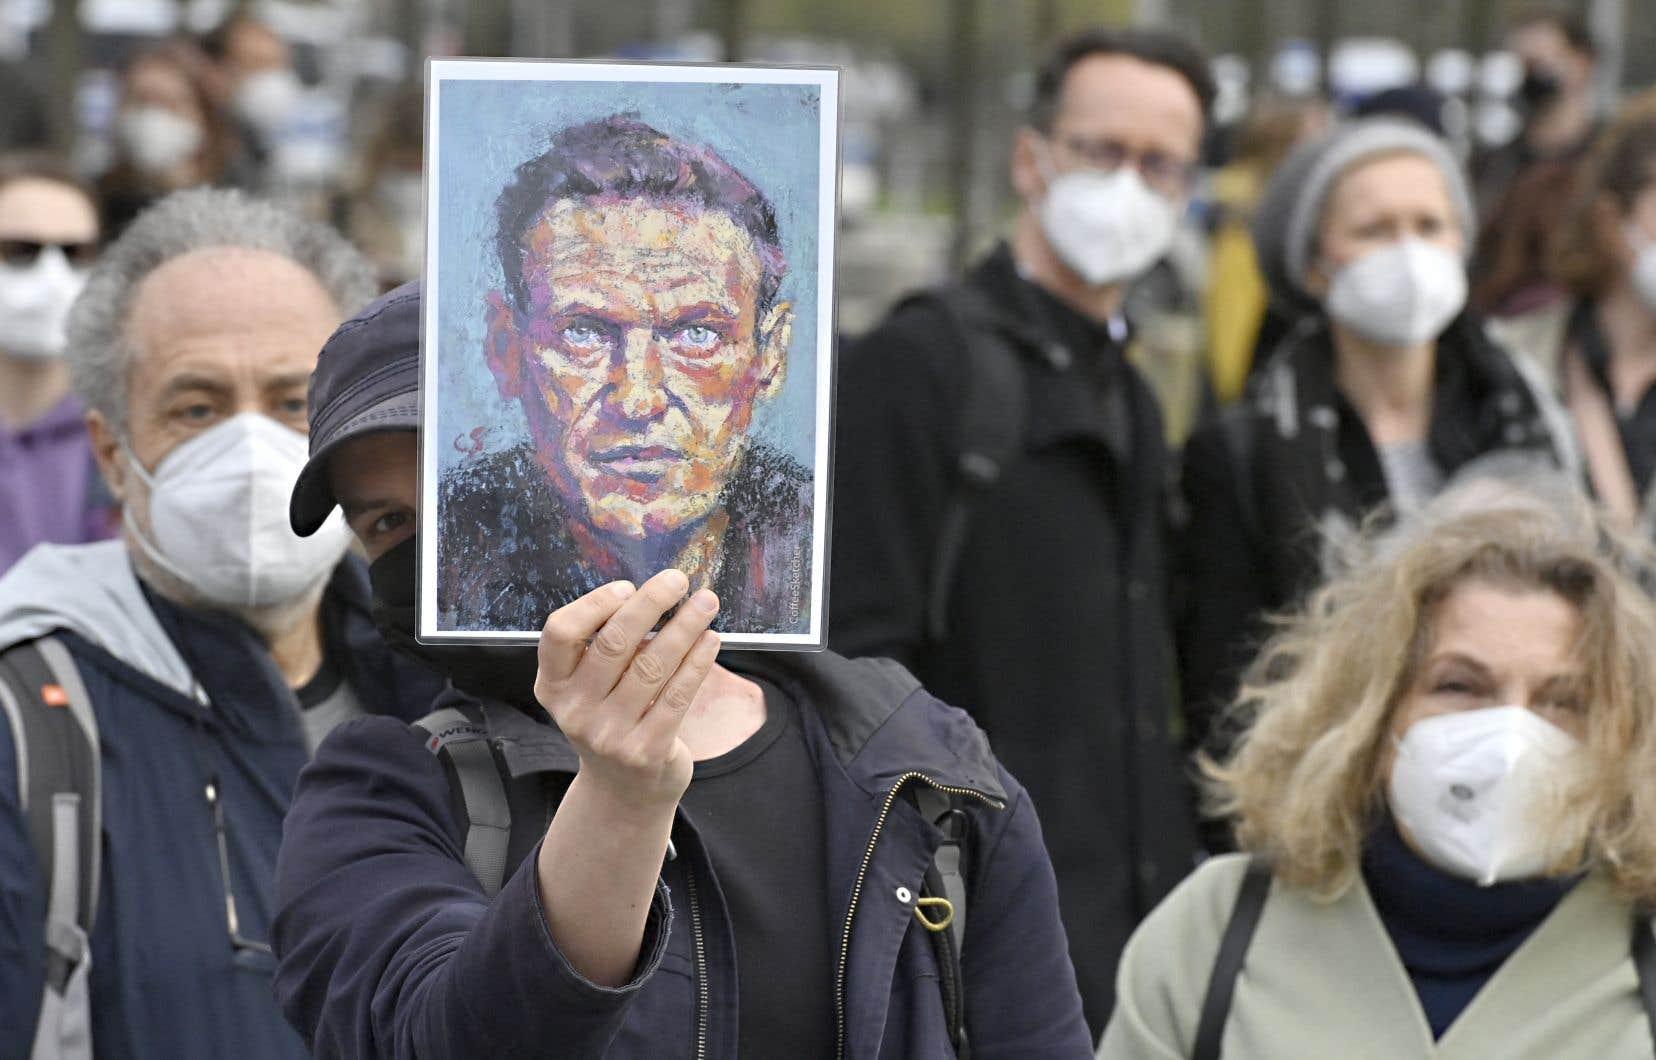 À l'occasion de son dernier déplacement en Russie, la chancelière allemande a réclamé de Vladimir Poutine la libération de Navalny, tout en insistant sur la nécessité d'un dialogue avec la Russie.